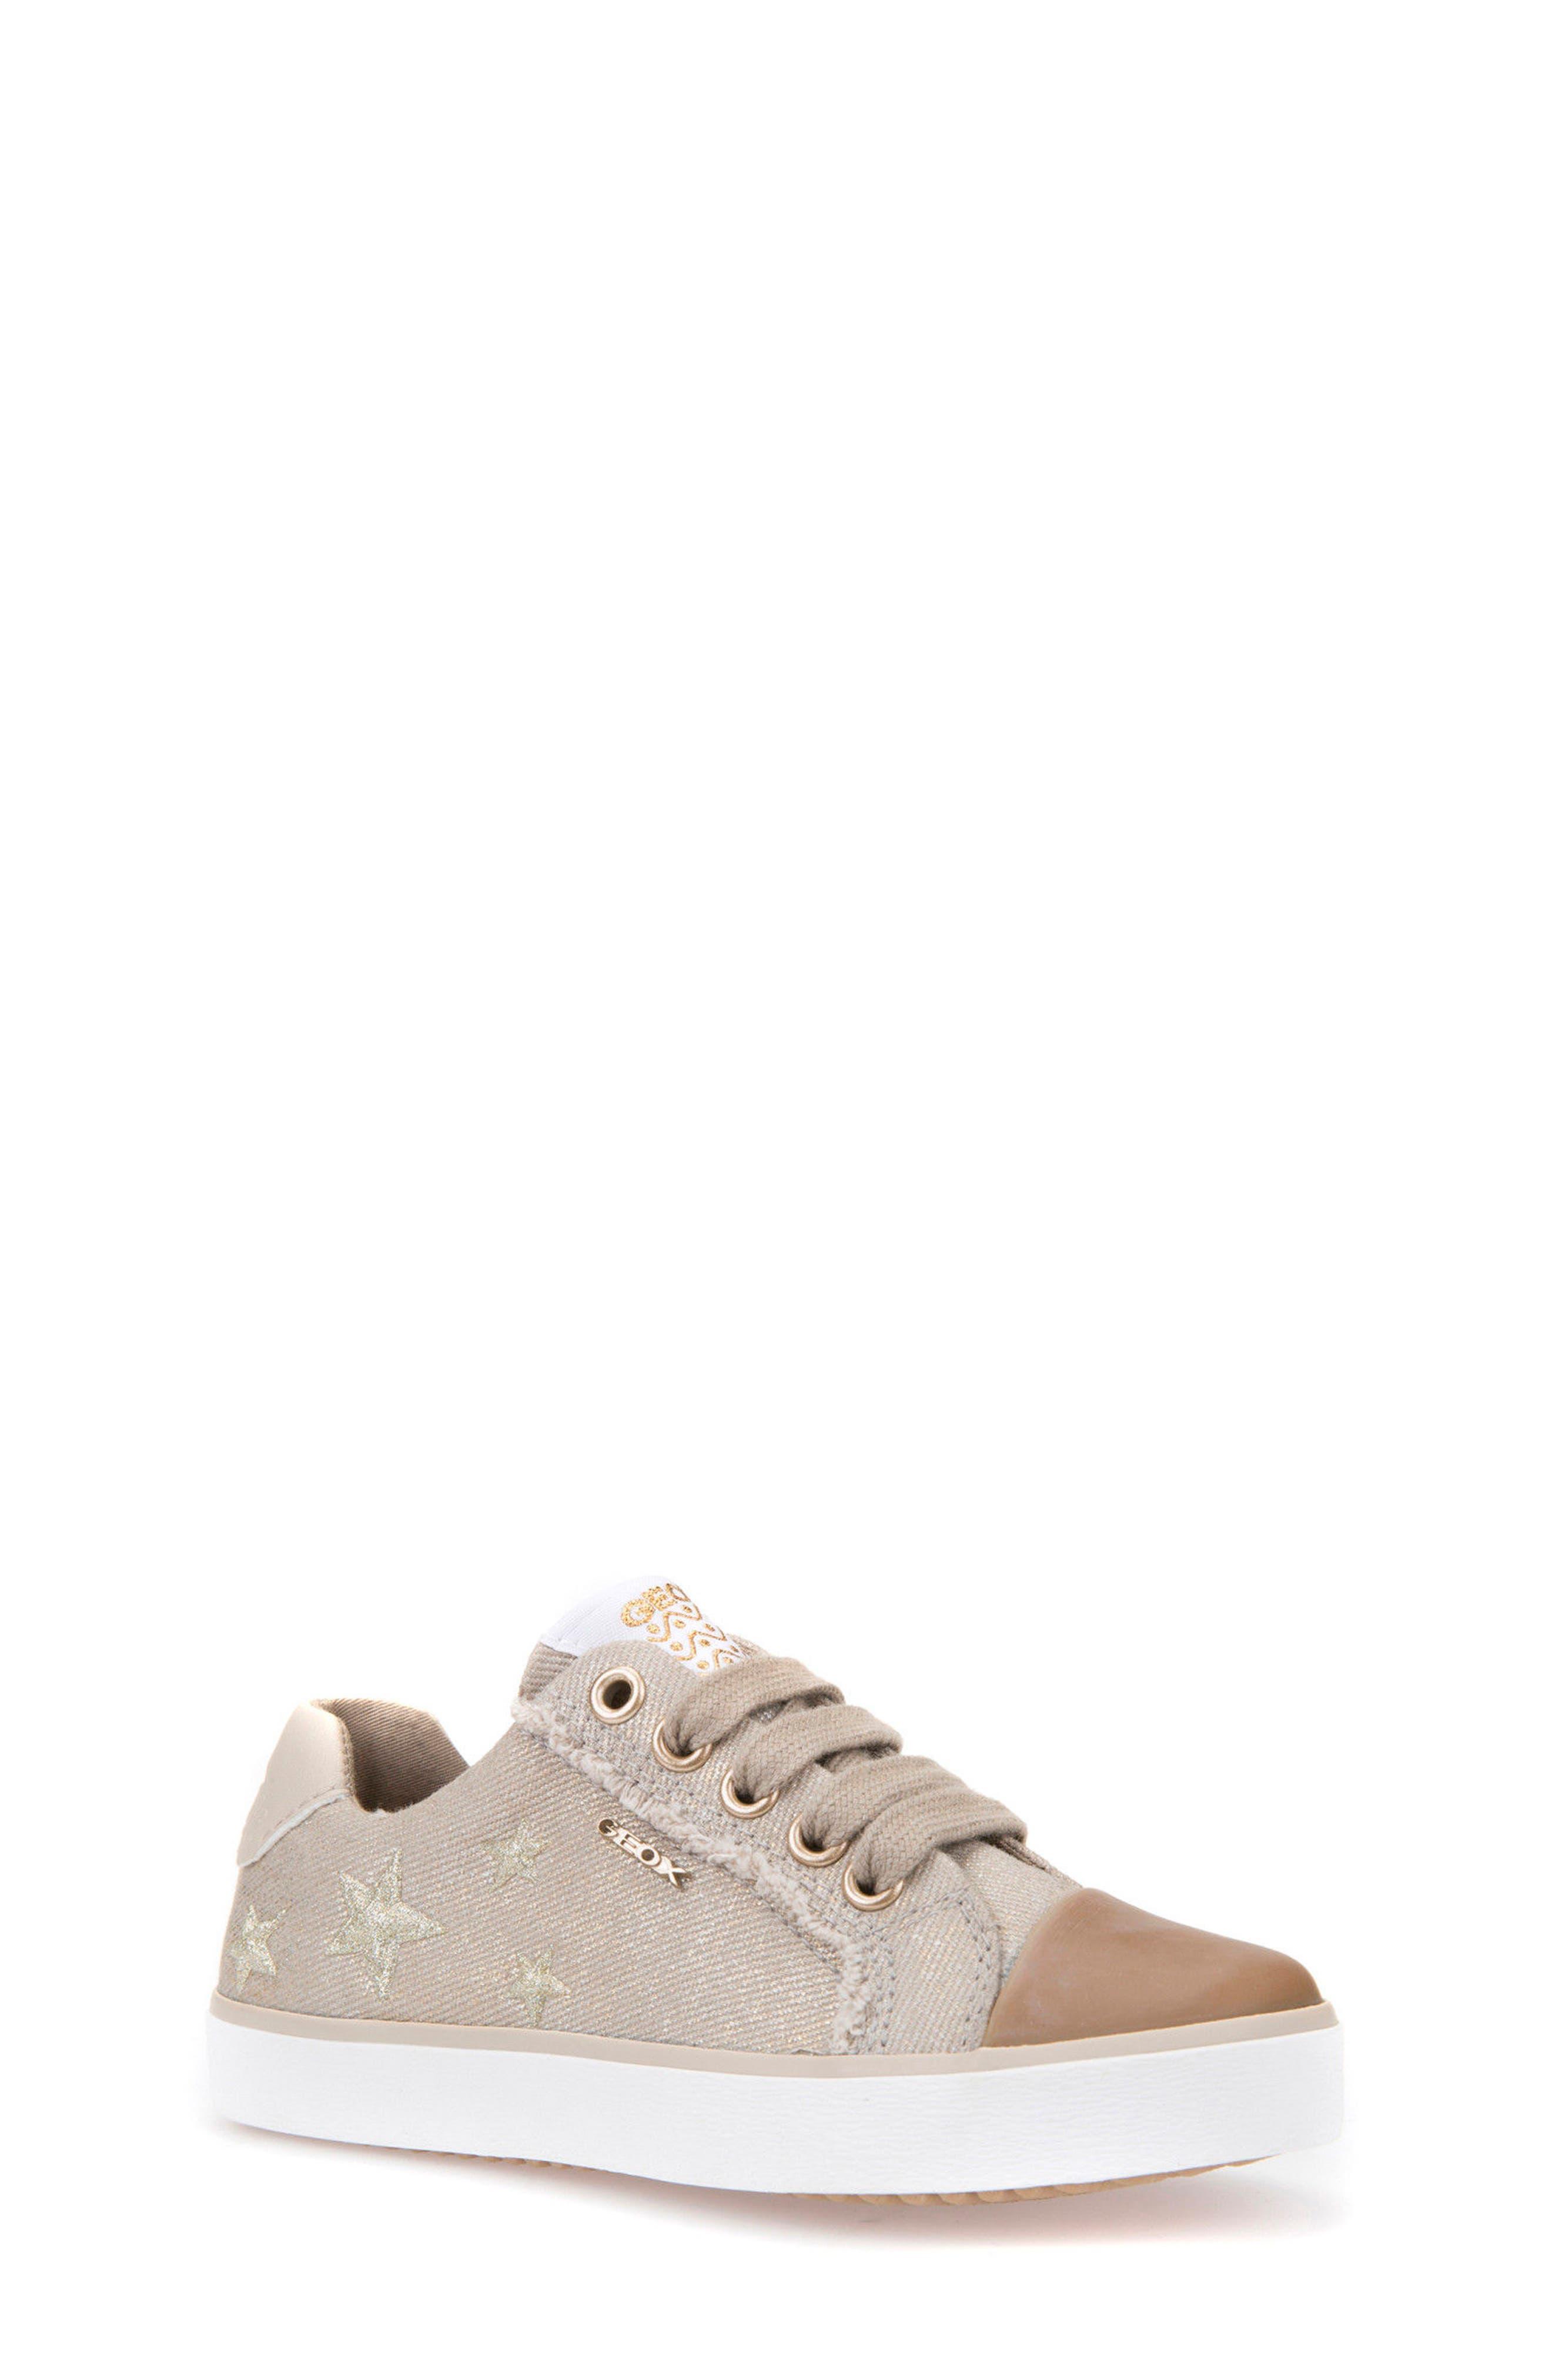 Geox Kilwi Low Top Sneaker (Toddler, Little Kid & Big Kid)